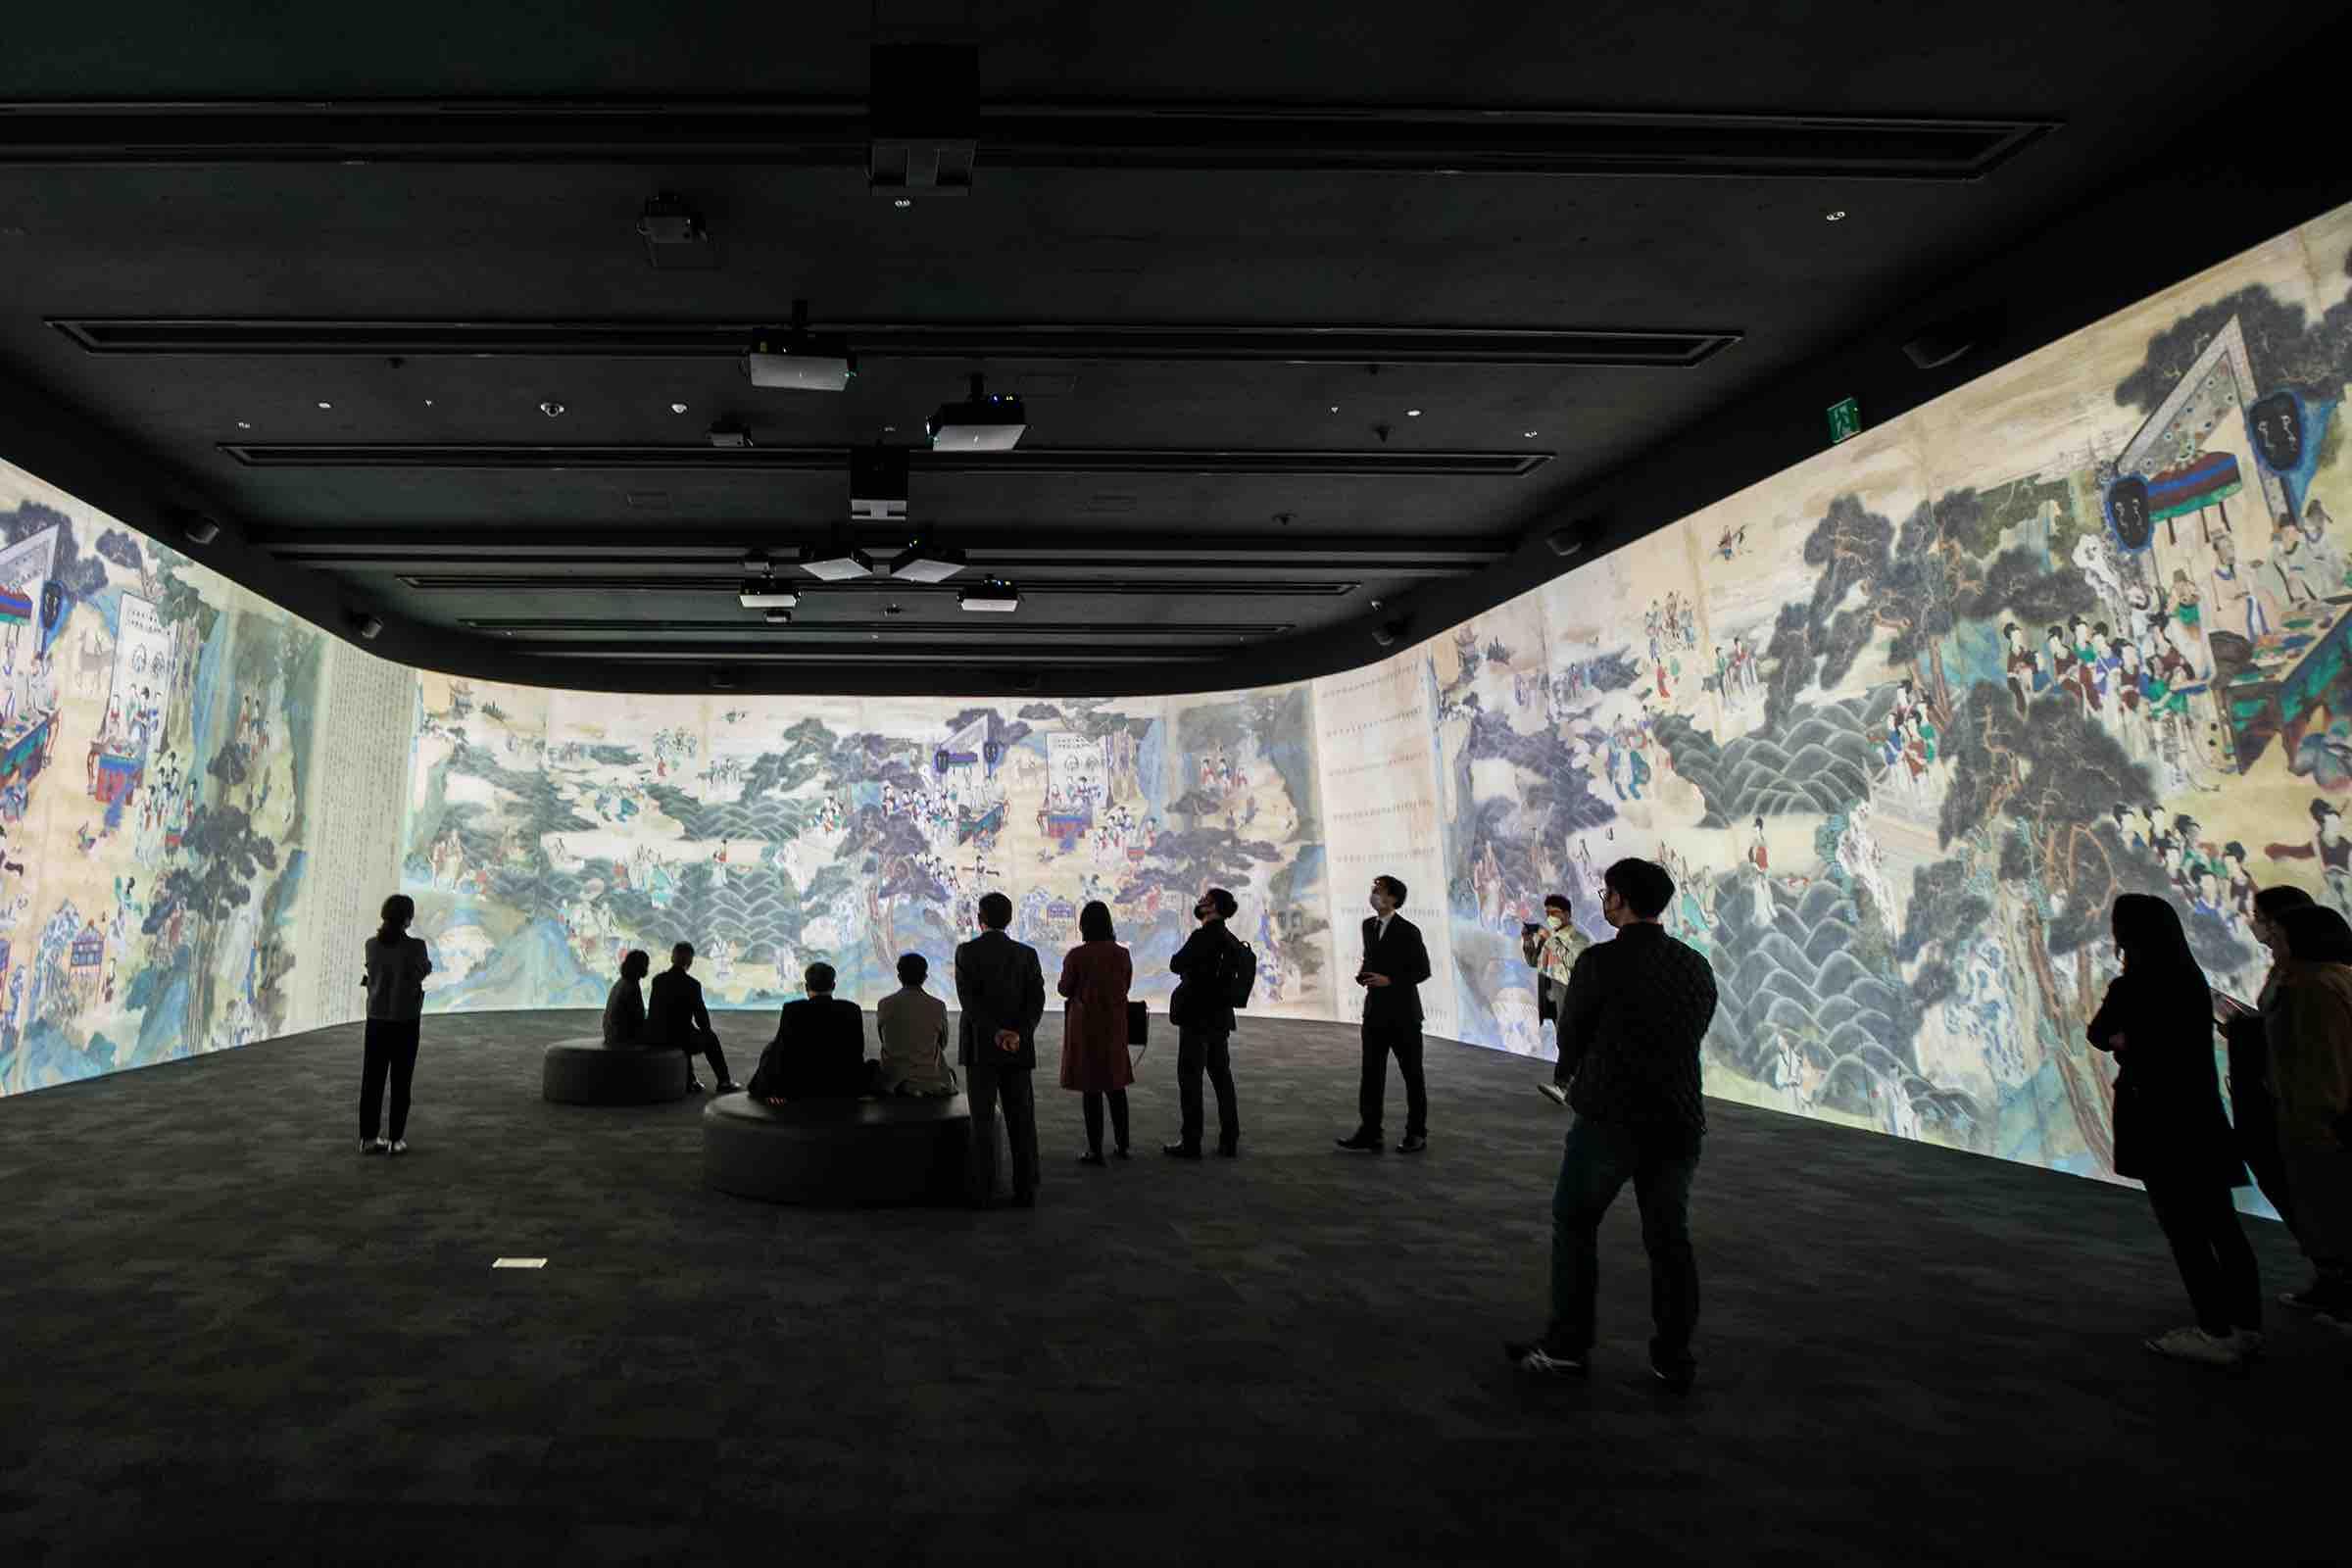 Immersive Digital Gallery im Koreanischen Nationalmuseum eröffnet